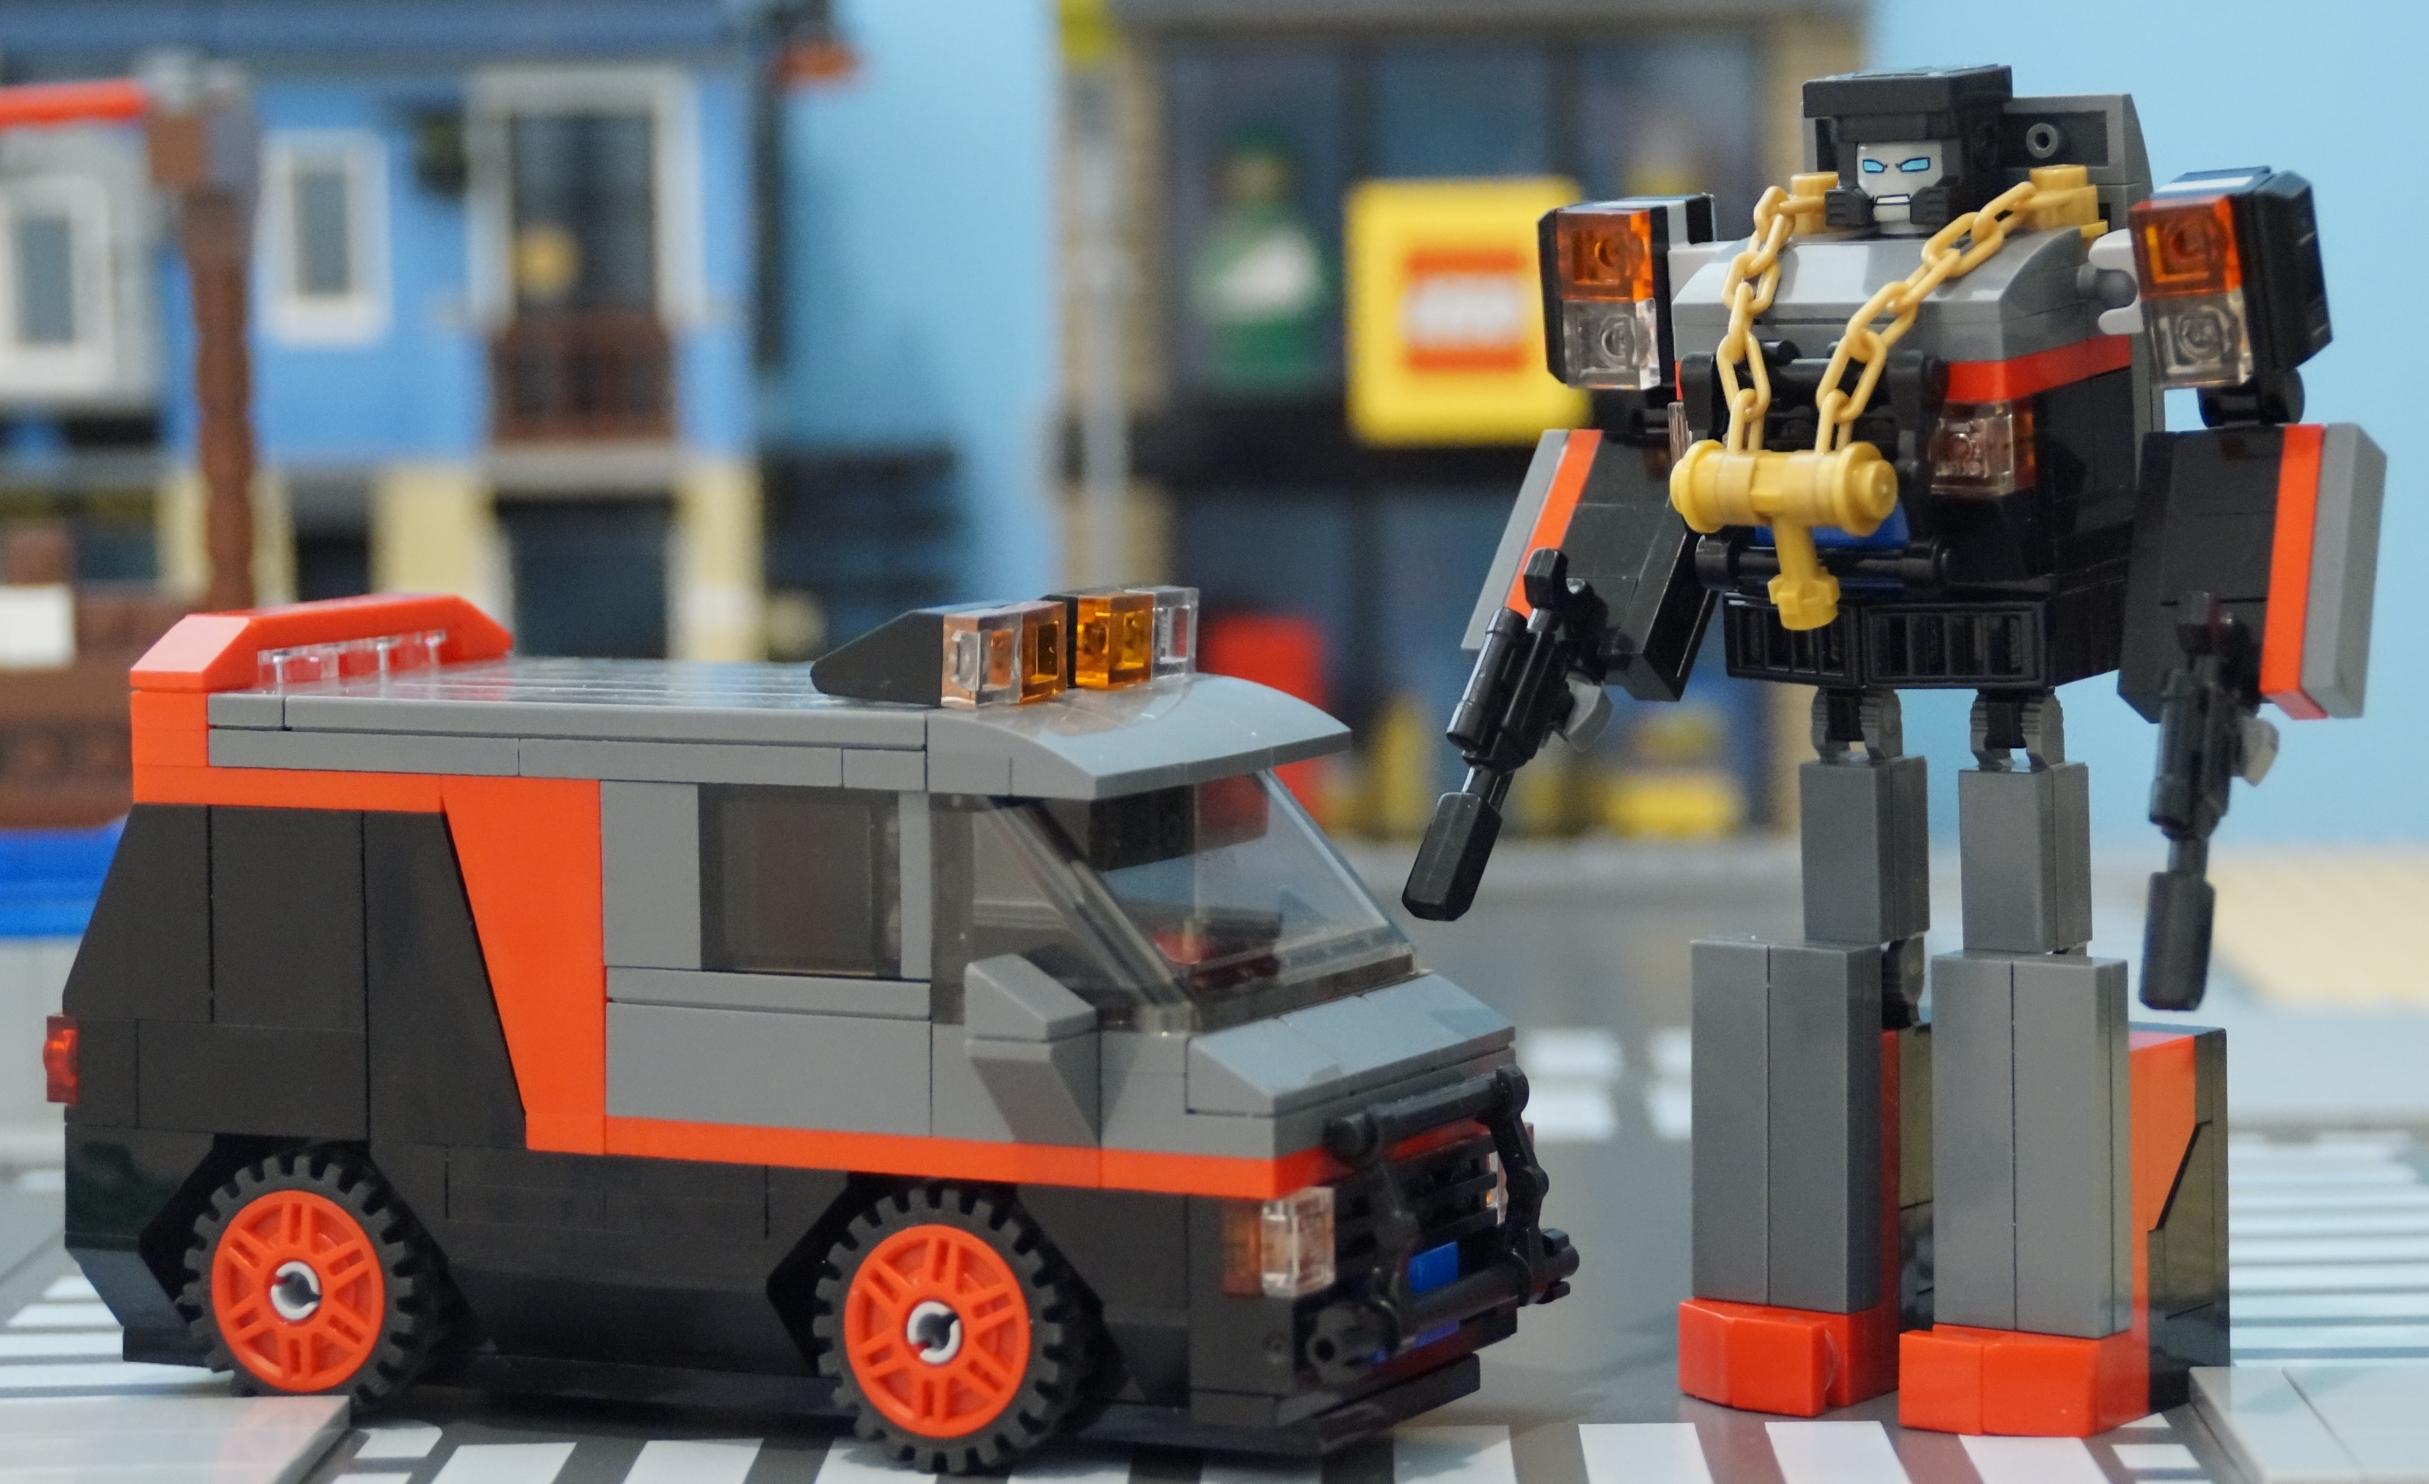 Sfondi giocattoli auto trasformatori cartone animato lego